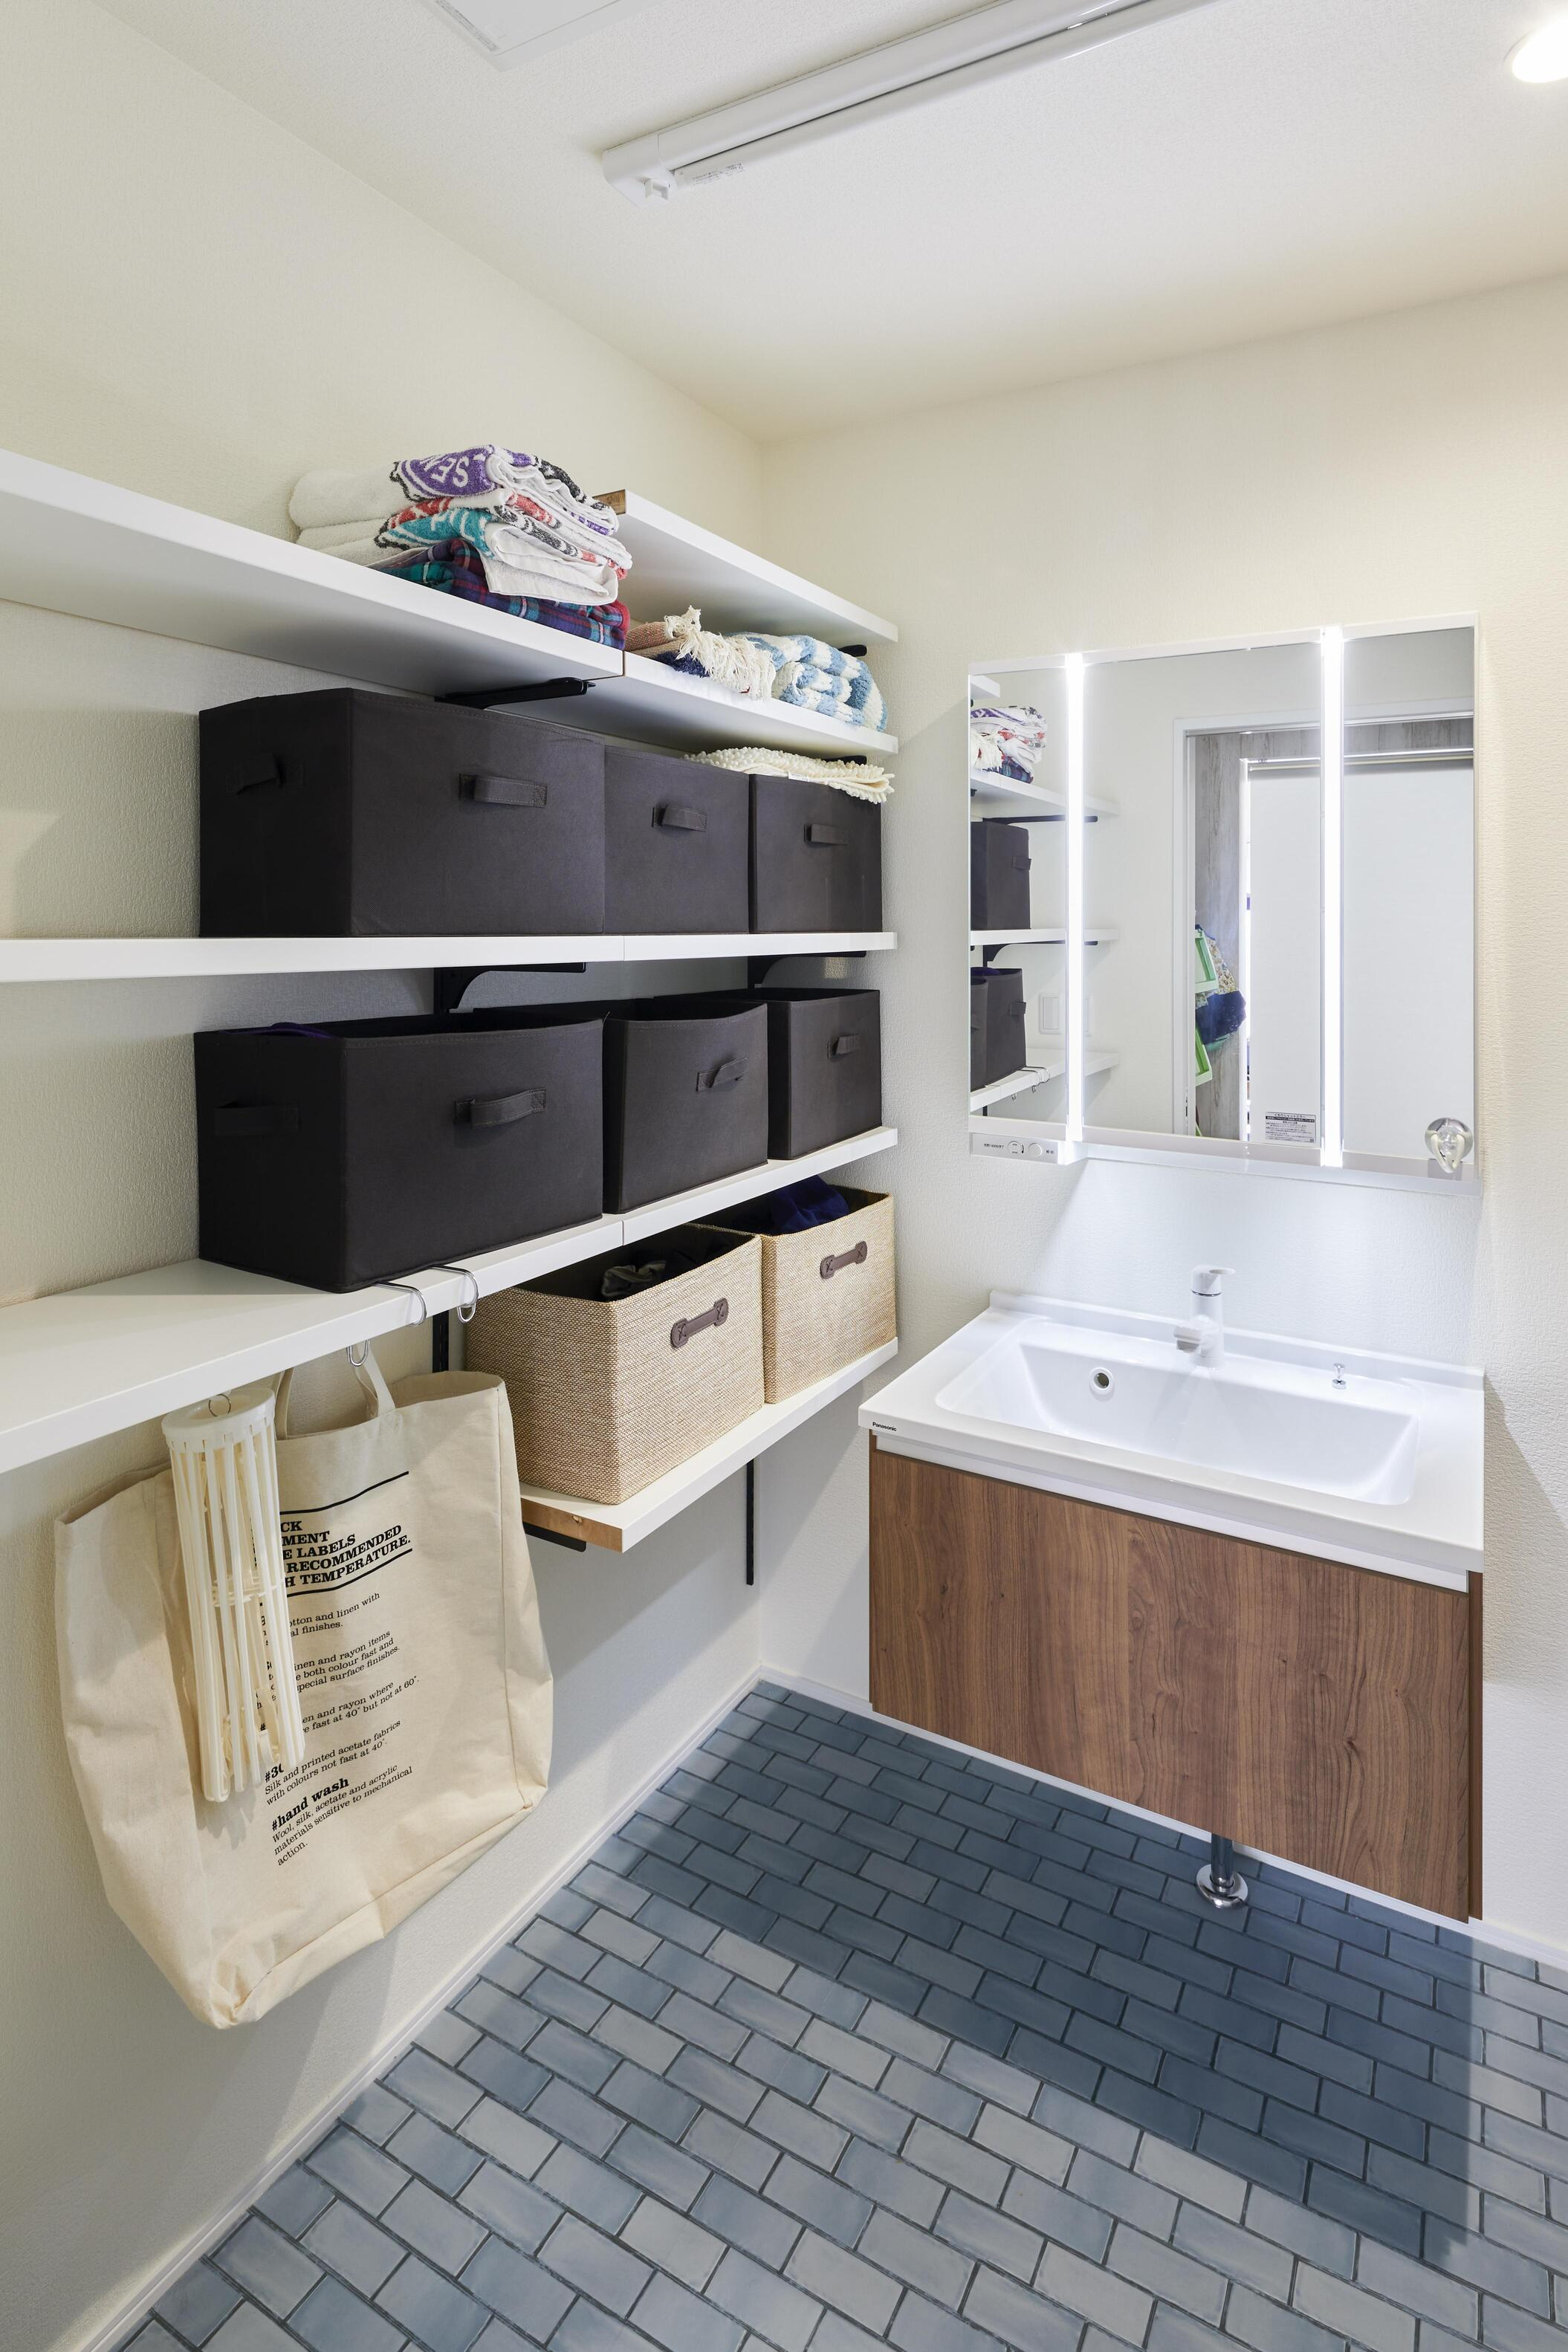 収納棚を多めに設計して、収納力を充実させた洗面室